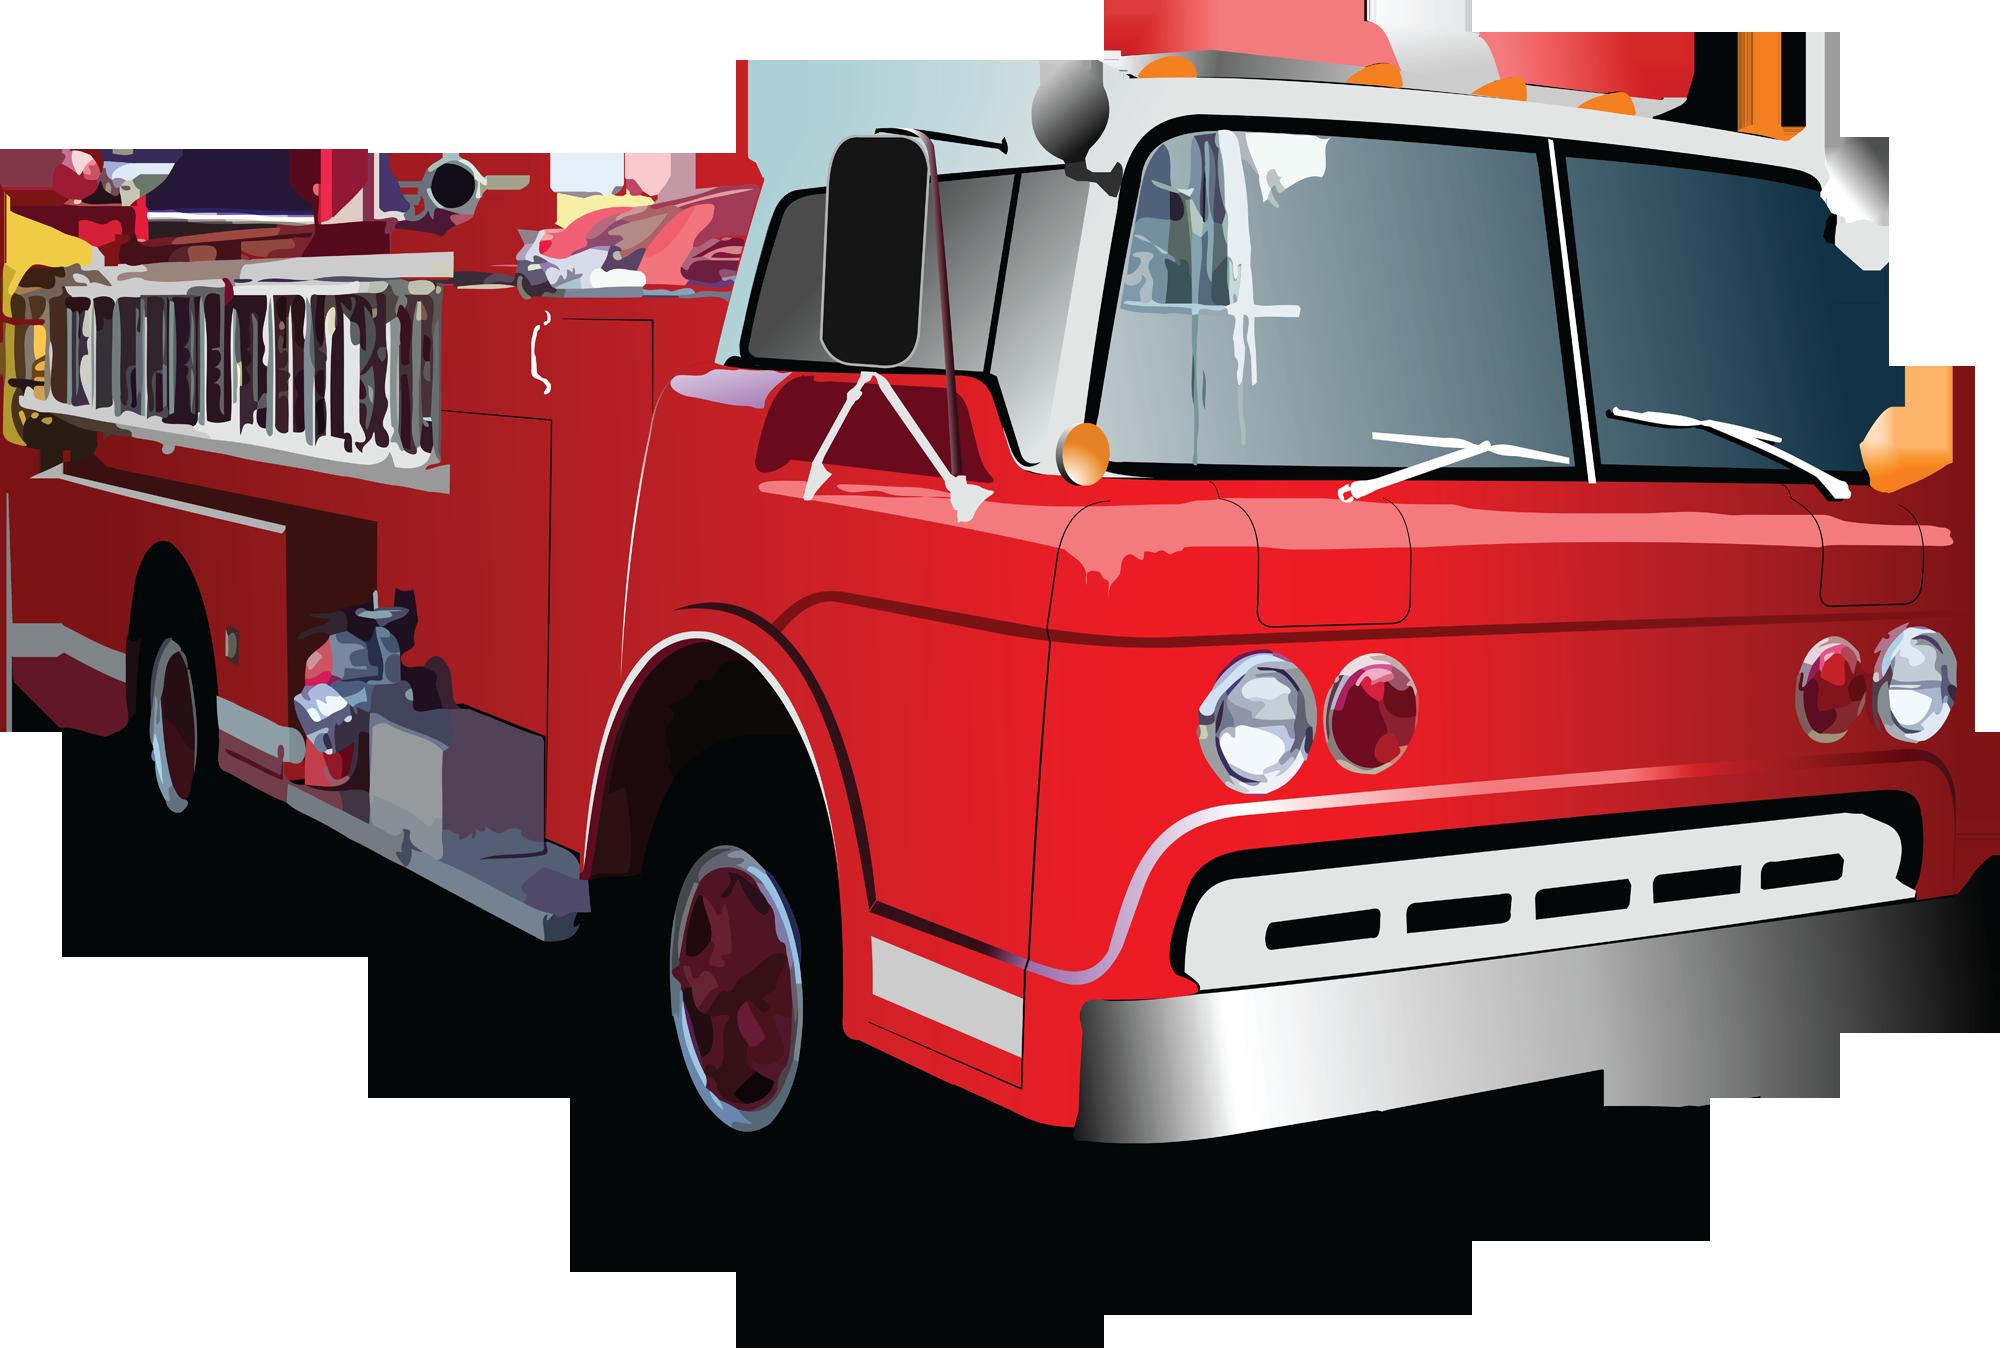 Fire truck cartoon clipart